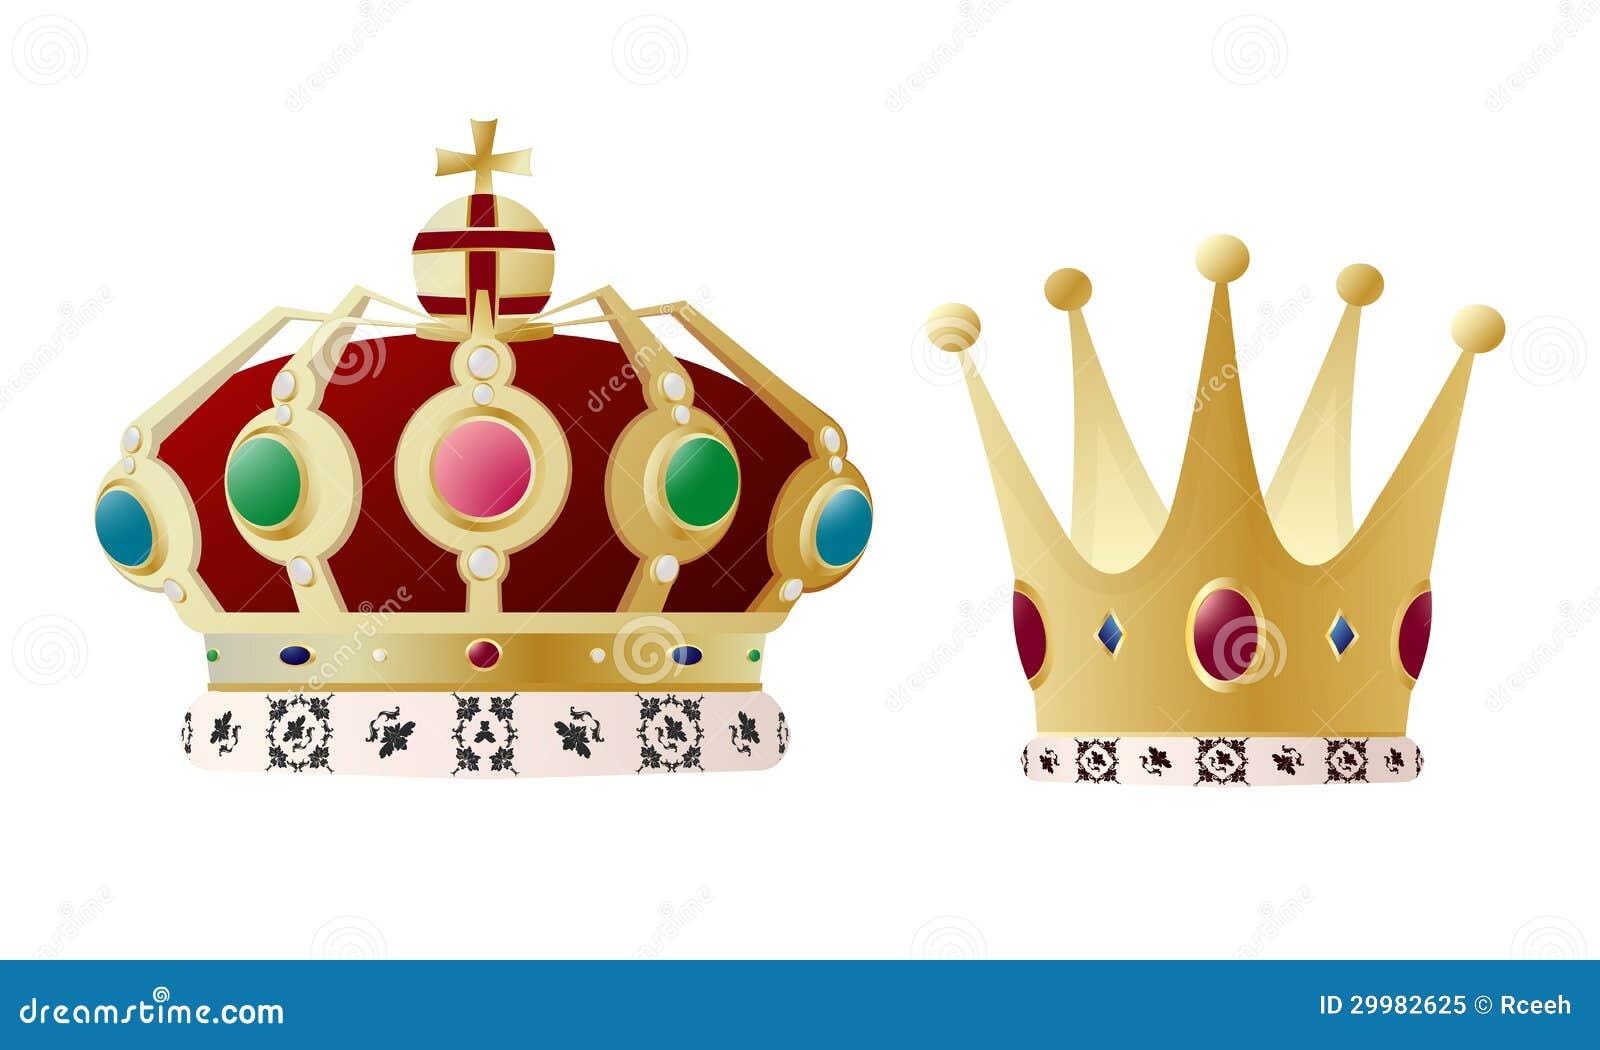 Конкурс на выбор короля и королевы выпускного бала